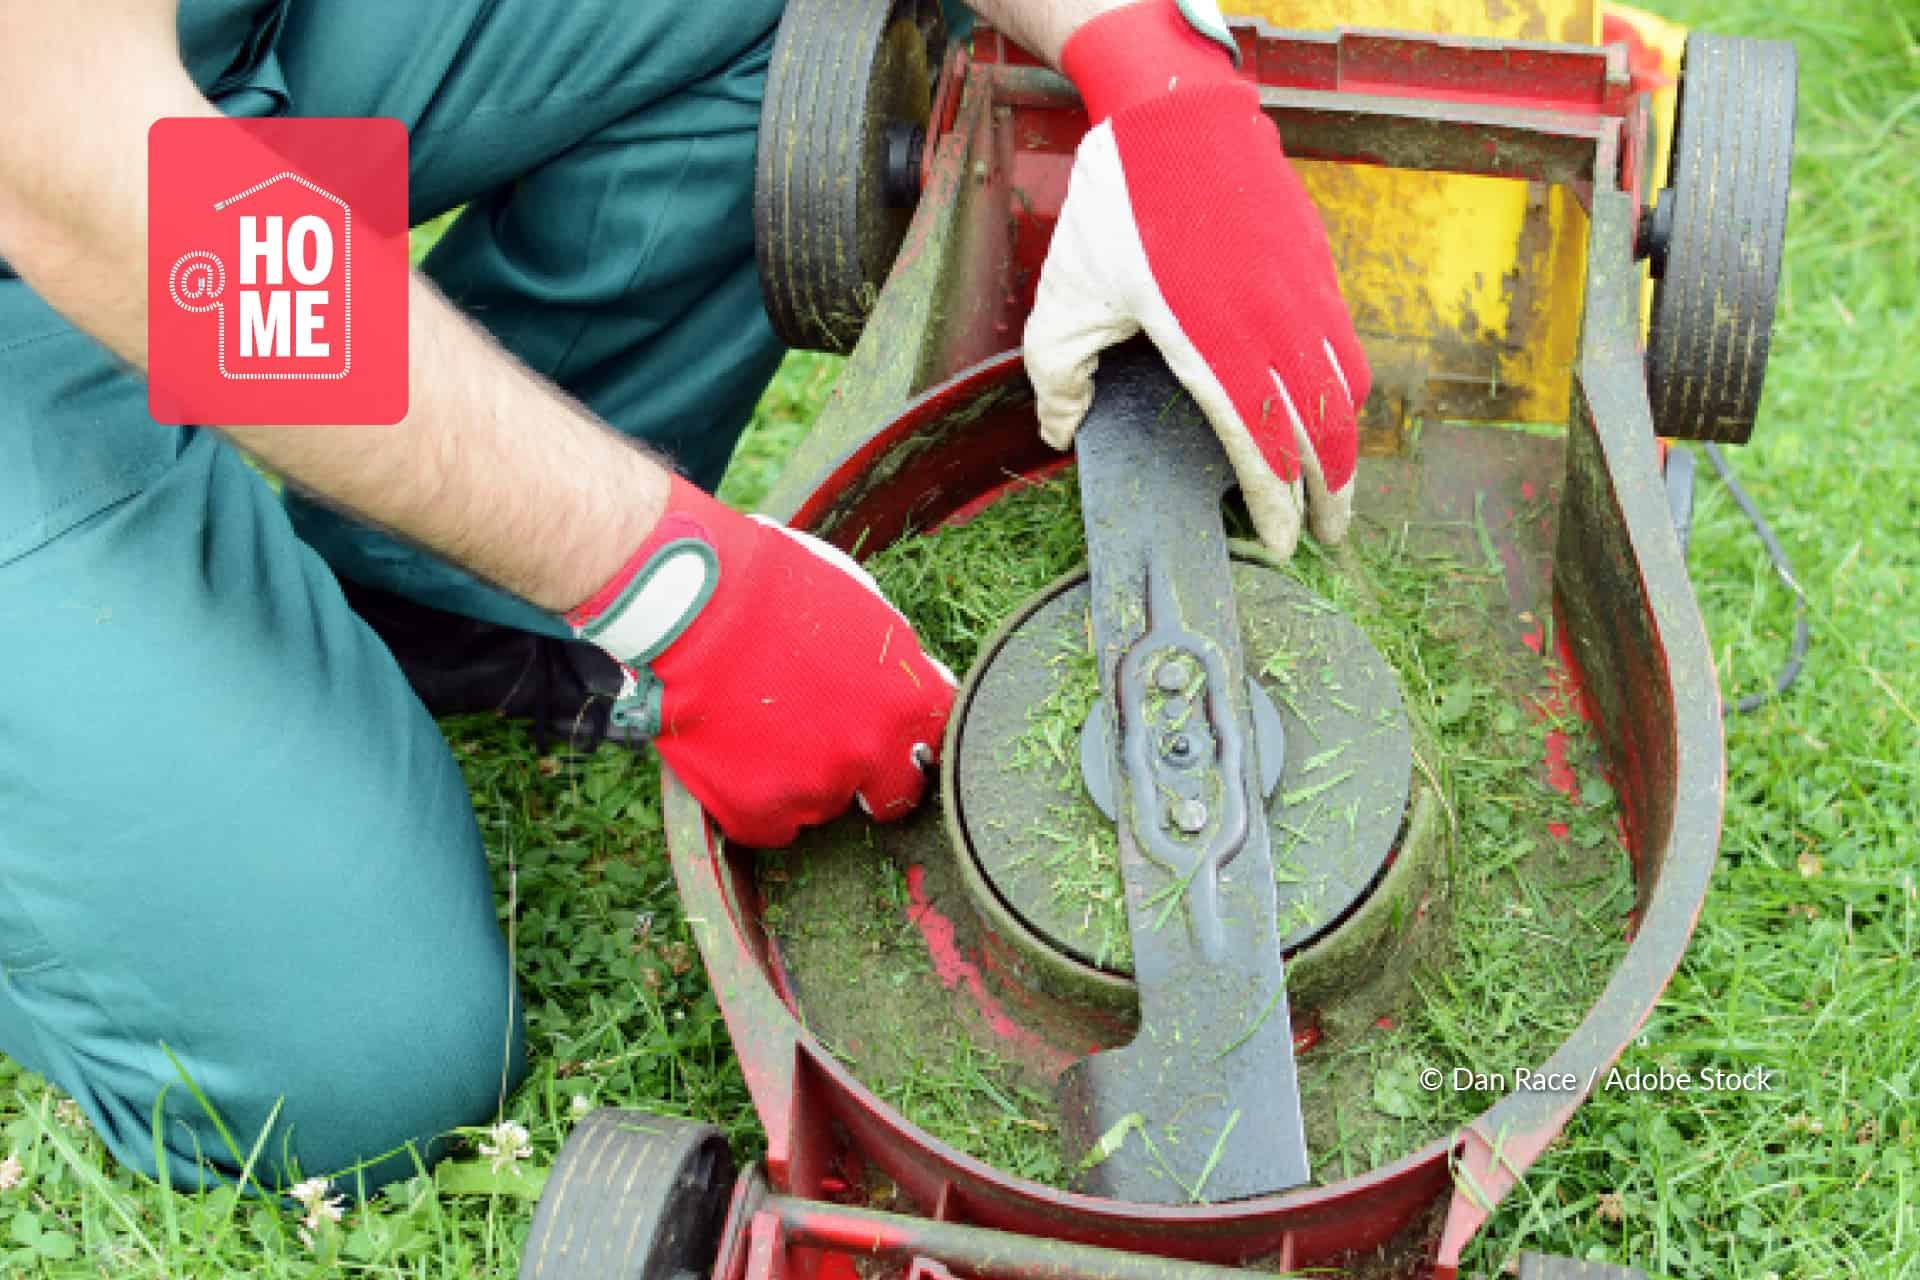 messen grasmaaier schoonmaken